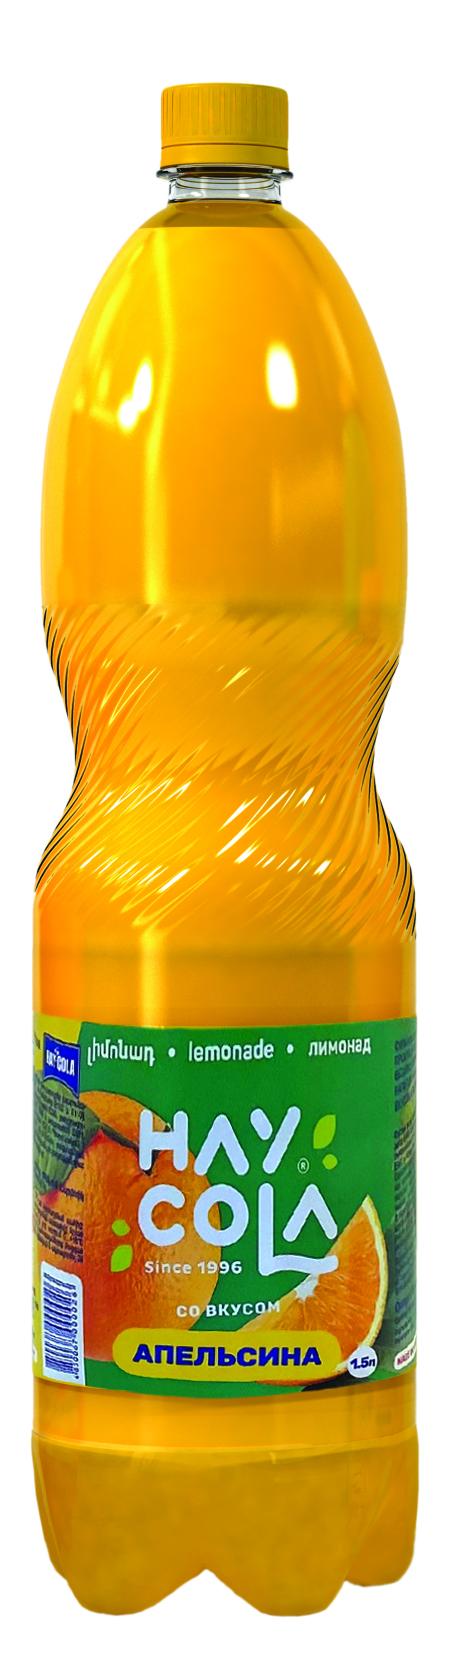 հայ կոլա գազավորված ըմպելիքներ газированные напитки ай кола hay cola sparkling beverages